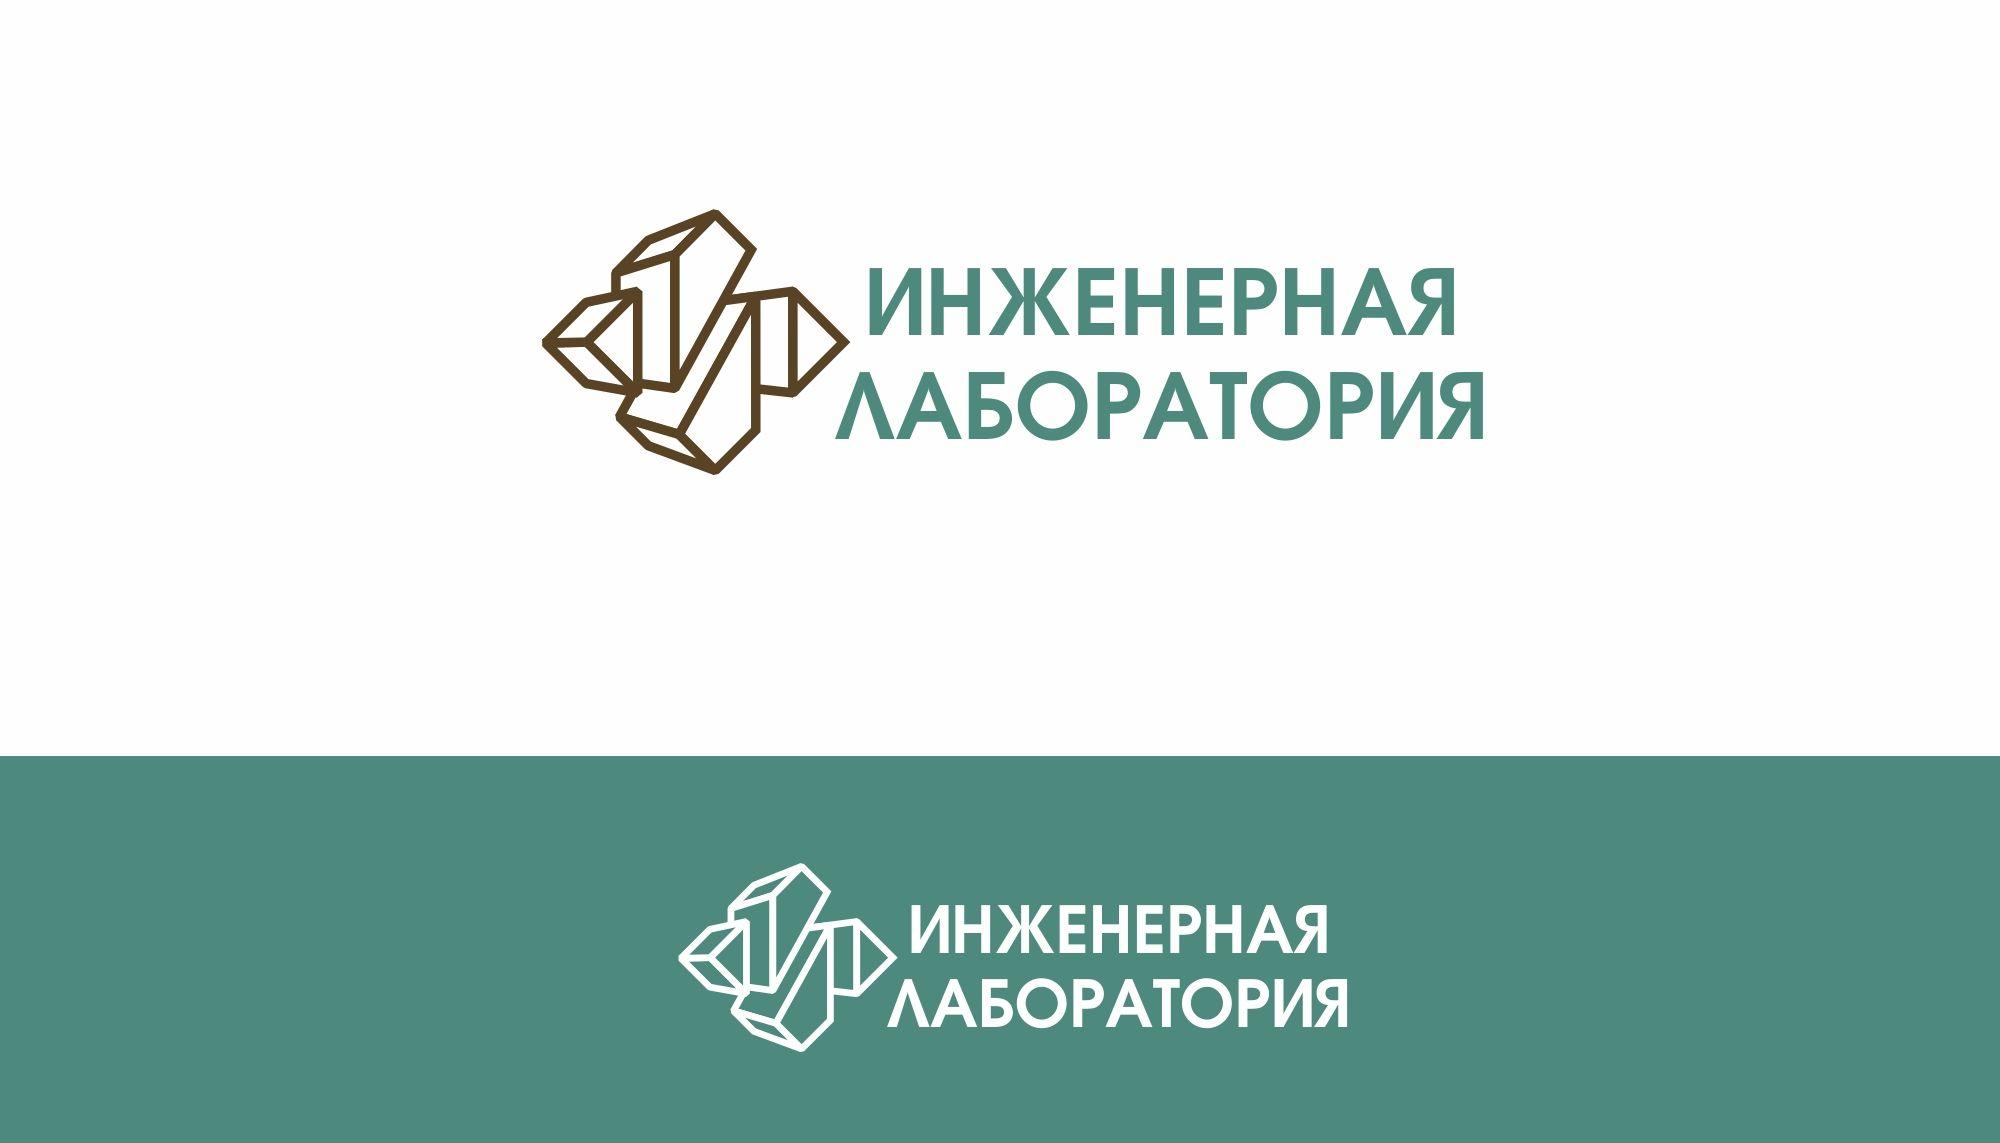 Лого и фирменный стиль для Инженерная лаборатория  - дизайнер markosov